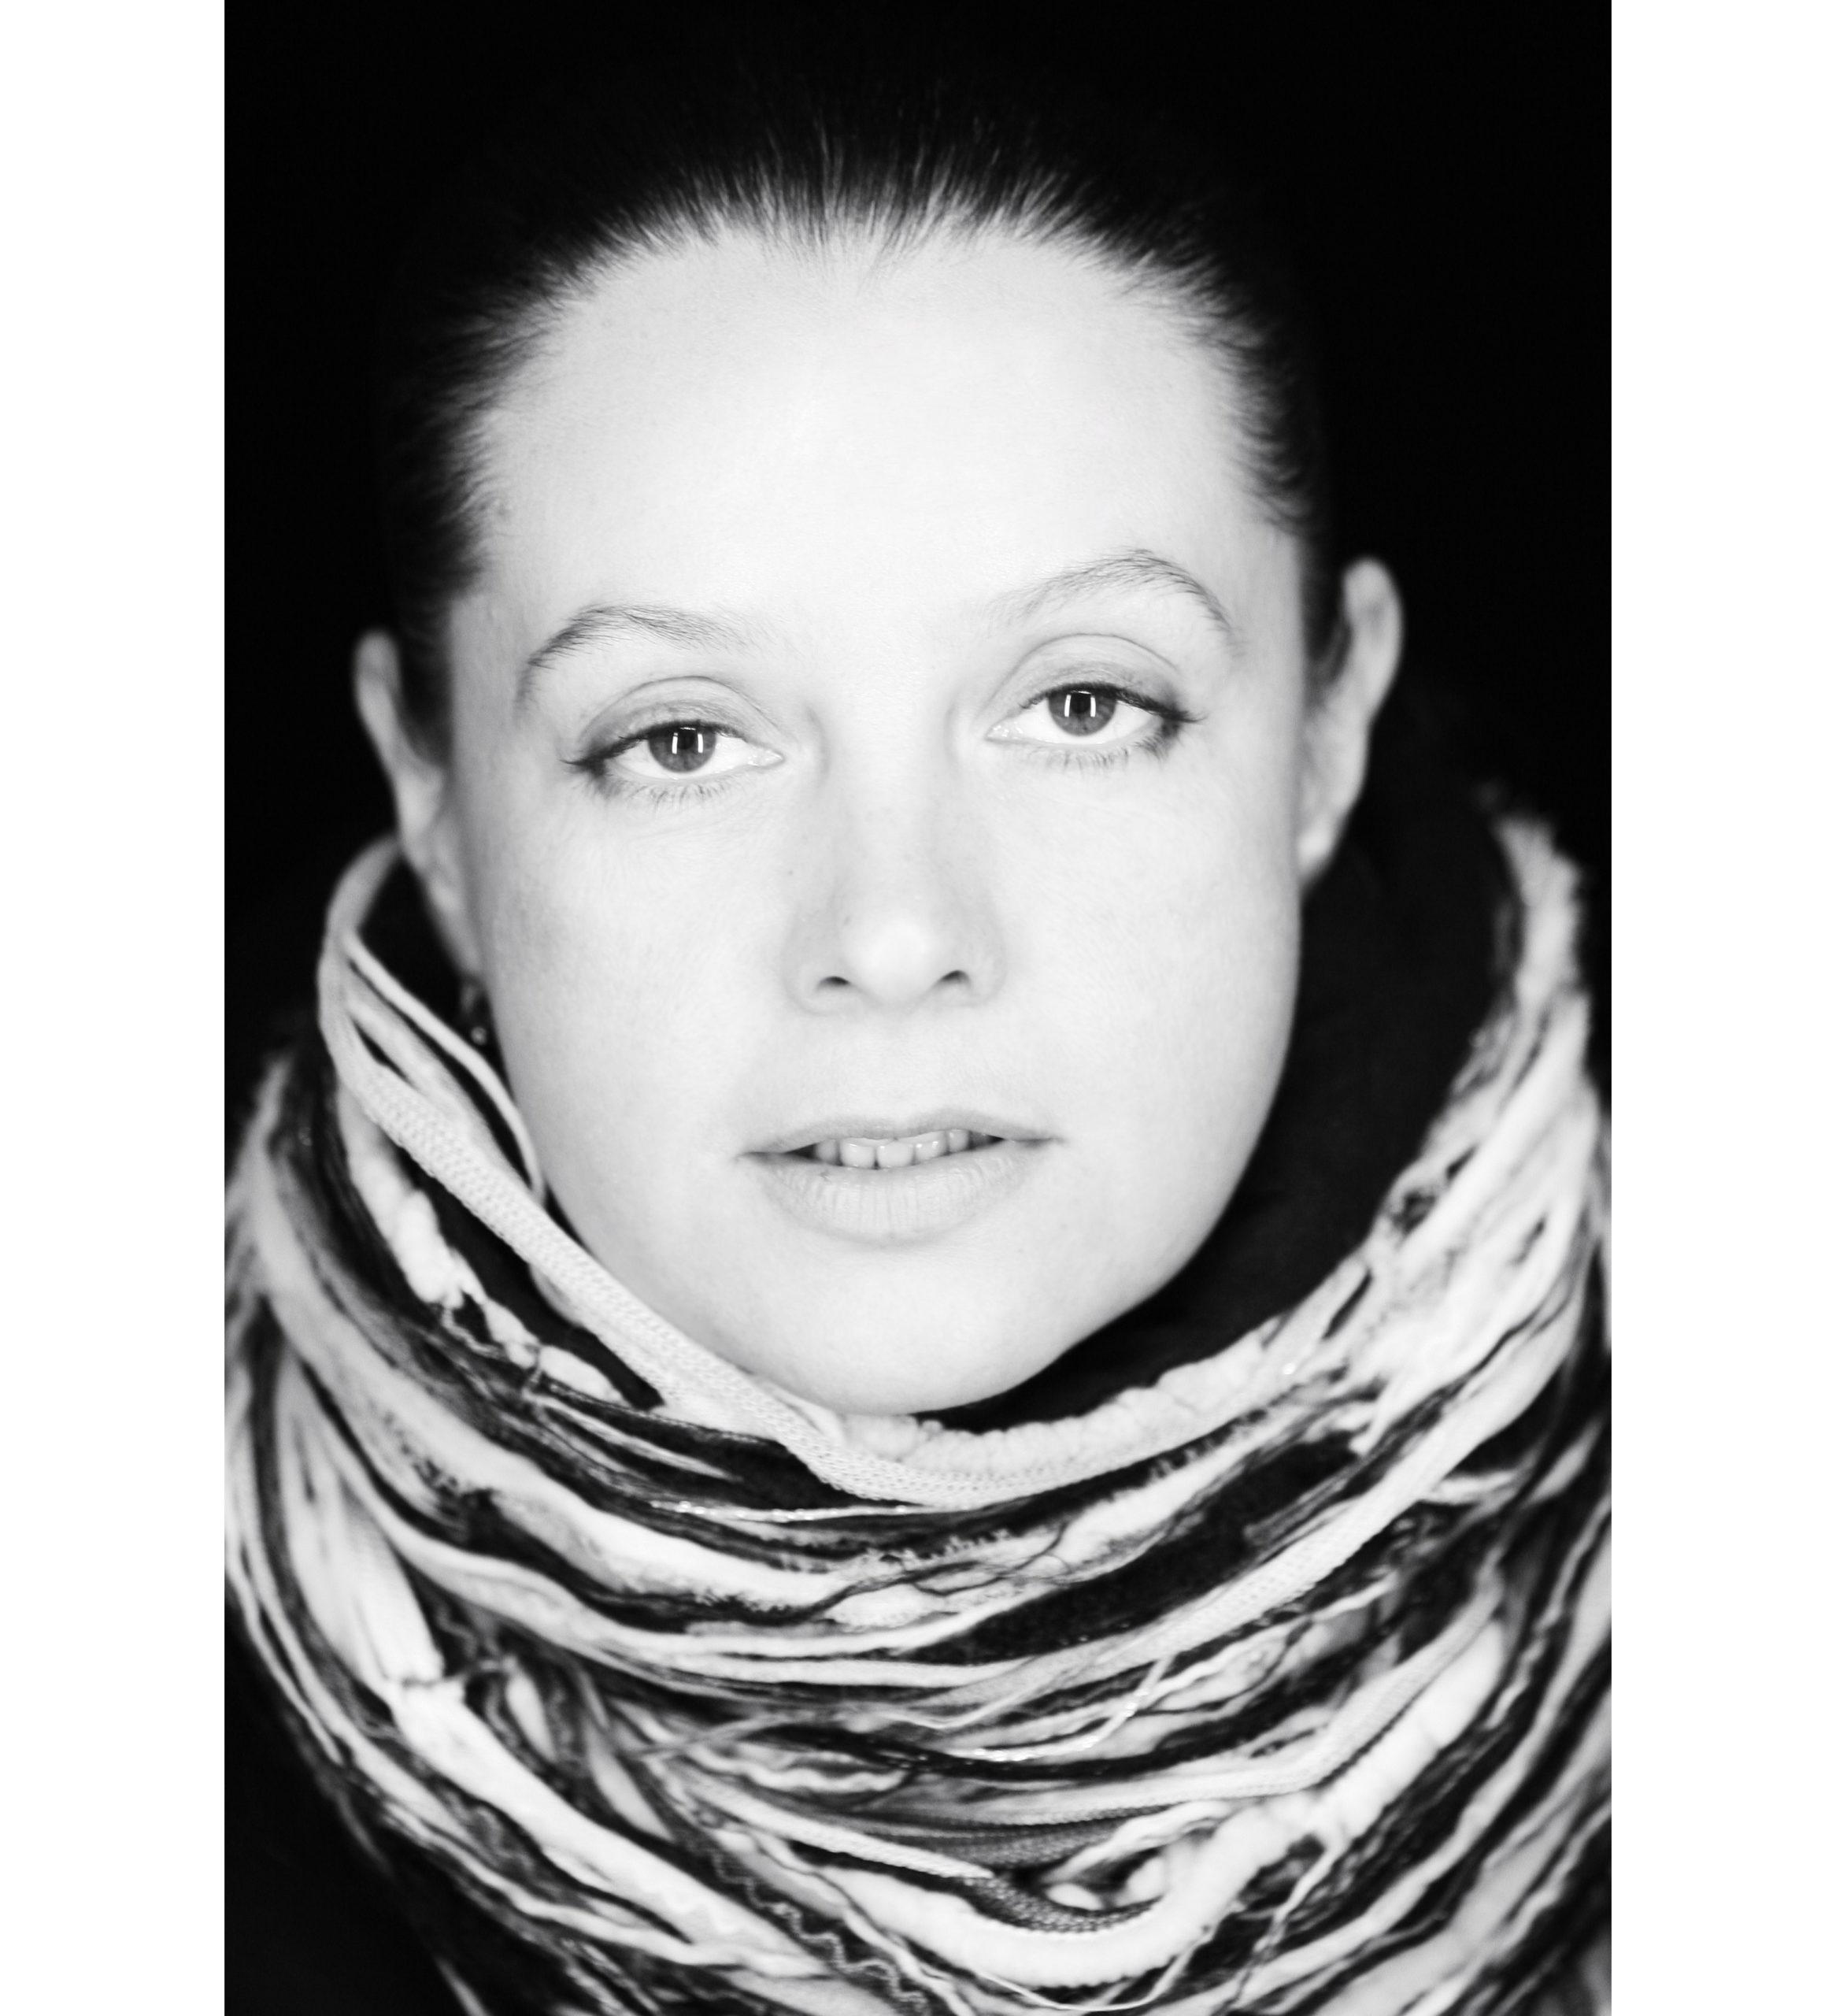 Ткаченко, Елена Ивановна